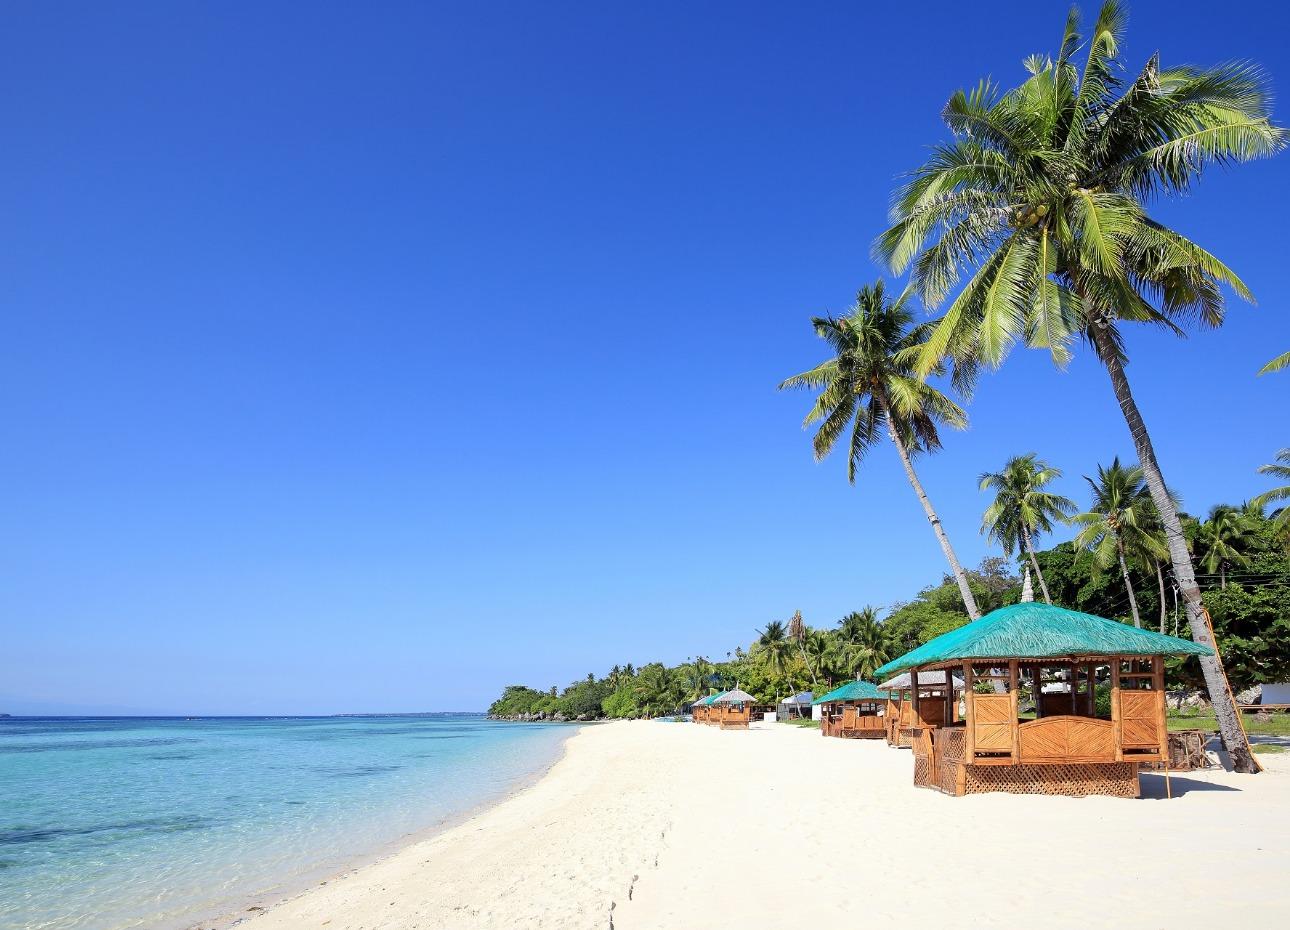 Philippines, Resort, White, Sand, Beaches, image,